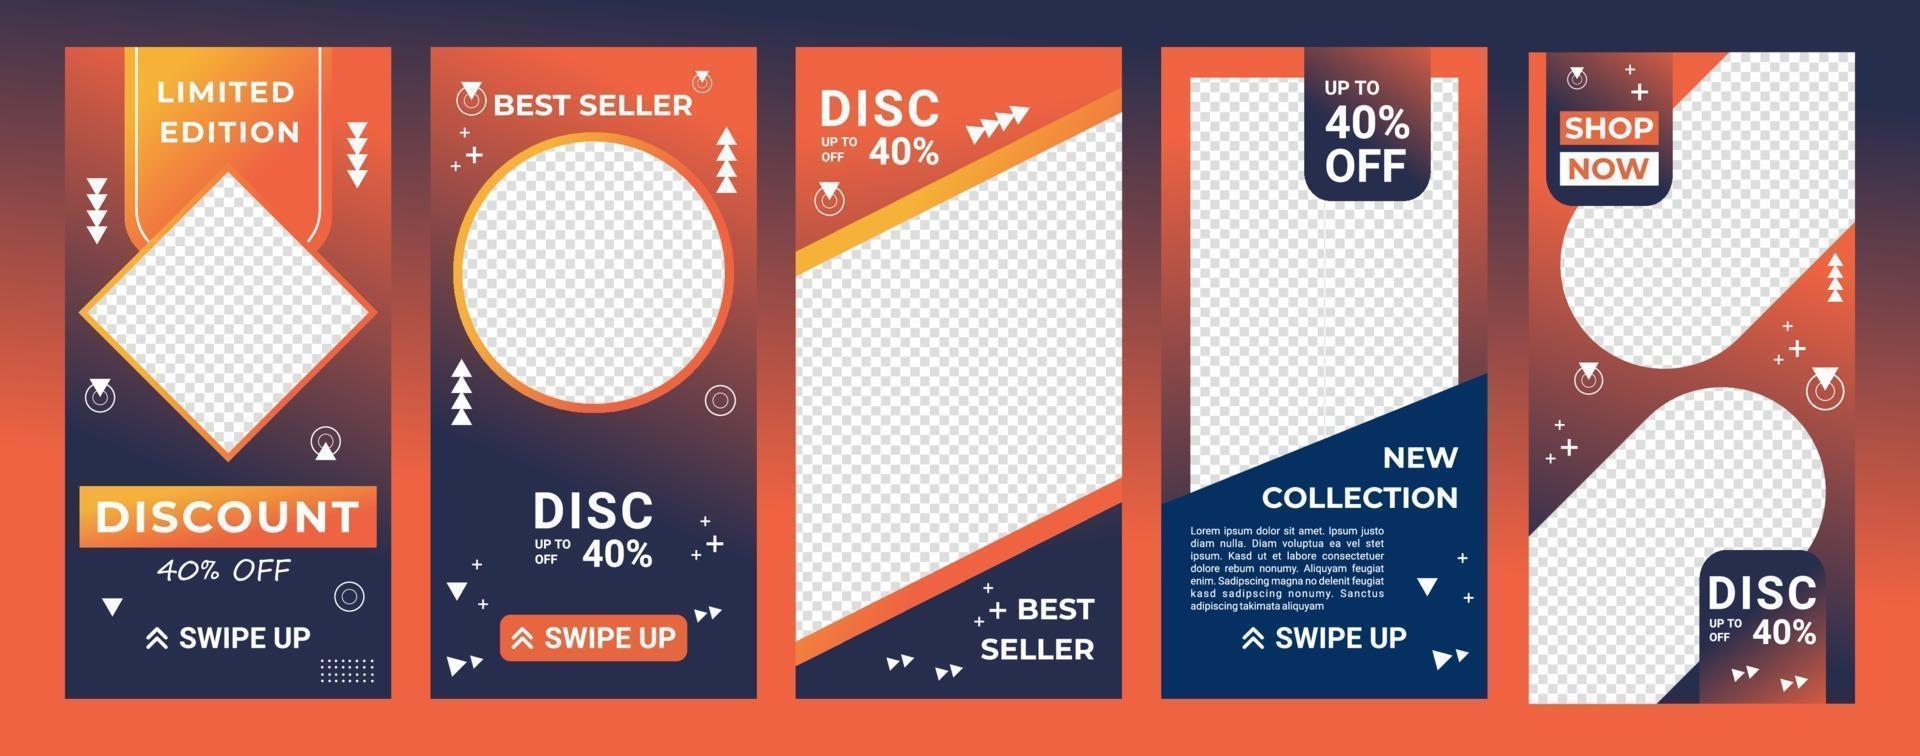 projetar fundos para mídia social em gradiente de cor laranja e marinho. modelo editável para histórias, modelo ig e anúncios de banner da web. desenho abstrato para seu produto de venda. ilustração vetorial vetor